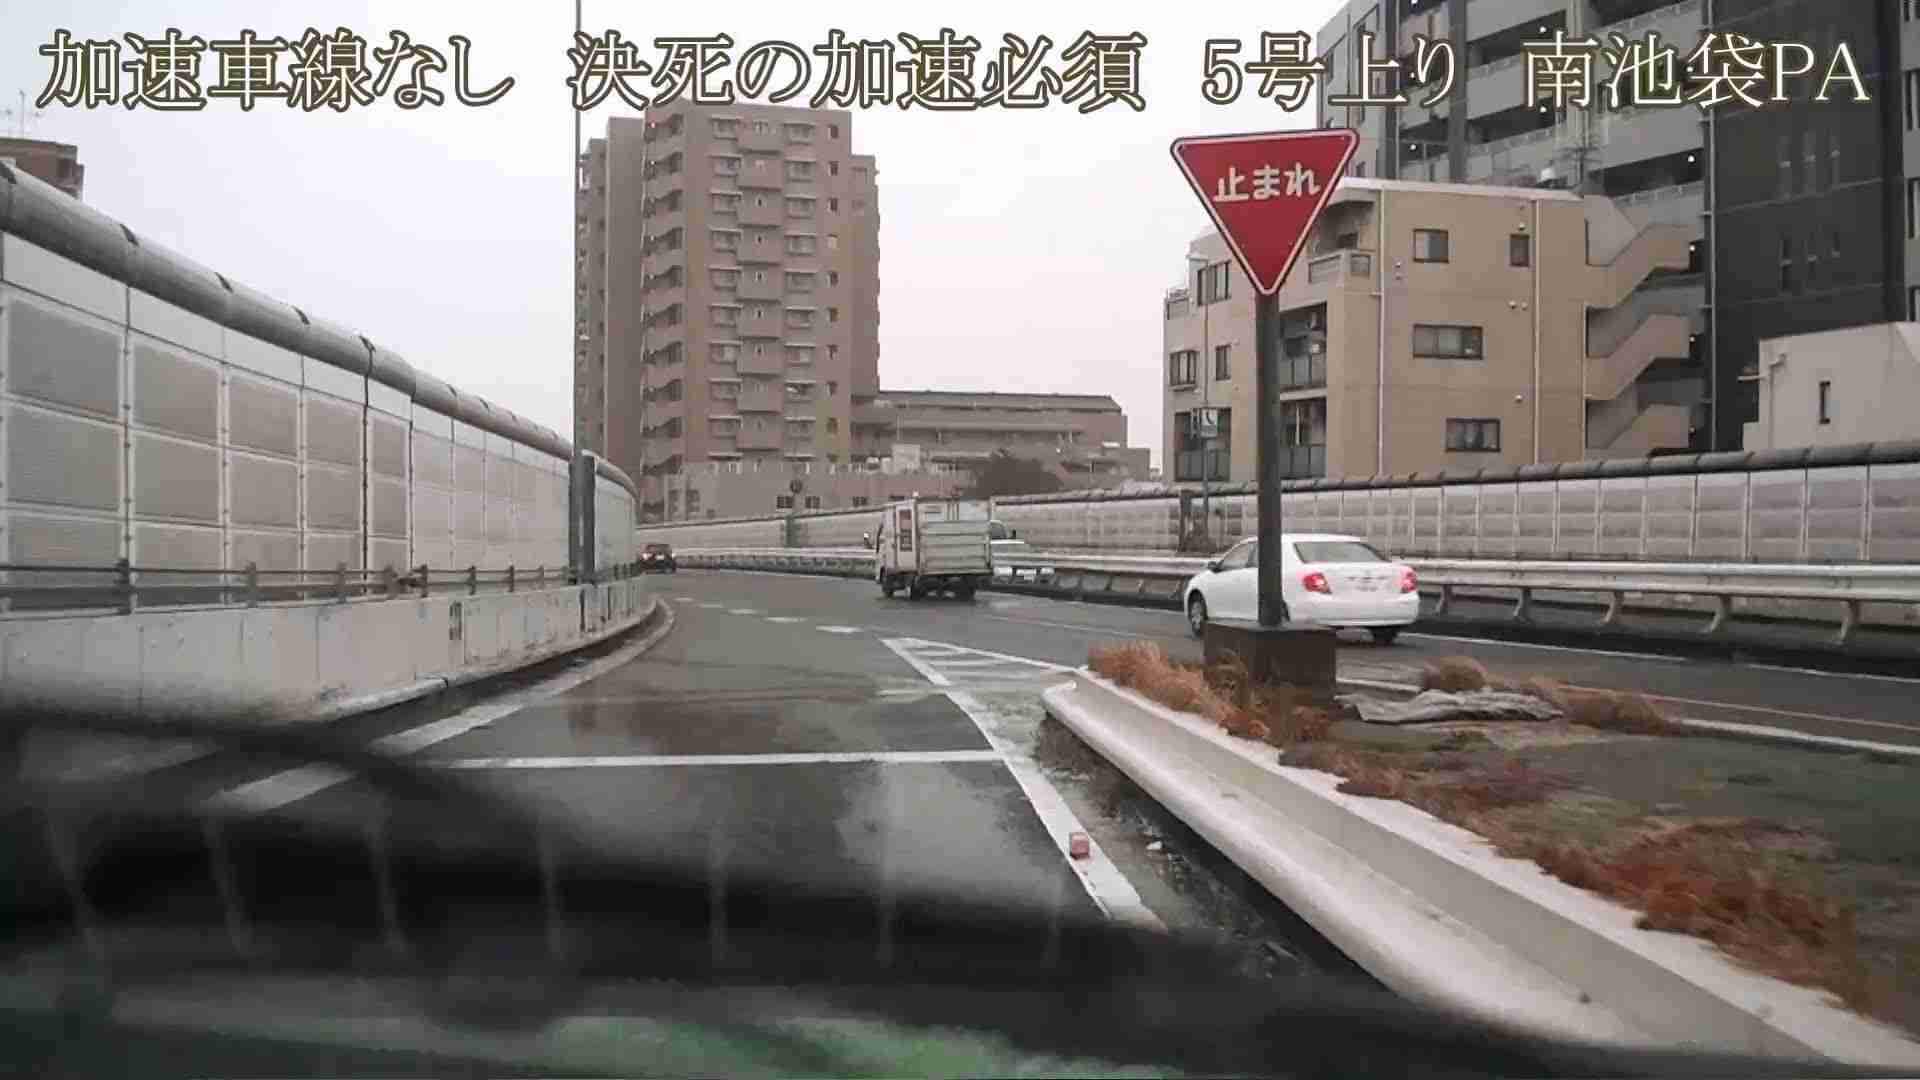 首都高の危険な構造 一覧  Dangerous Tokyo Highway - YouTube